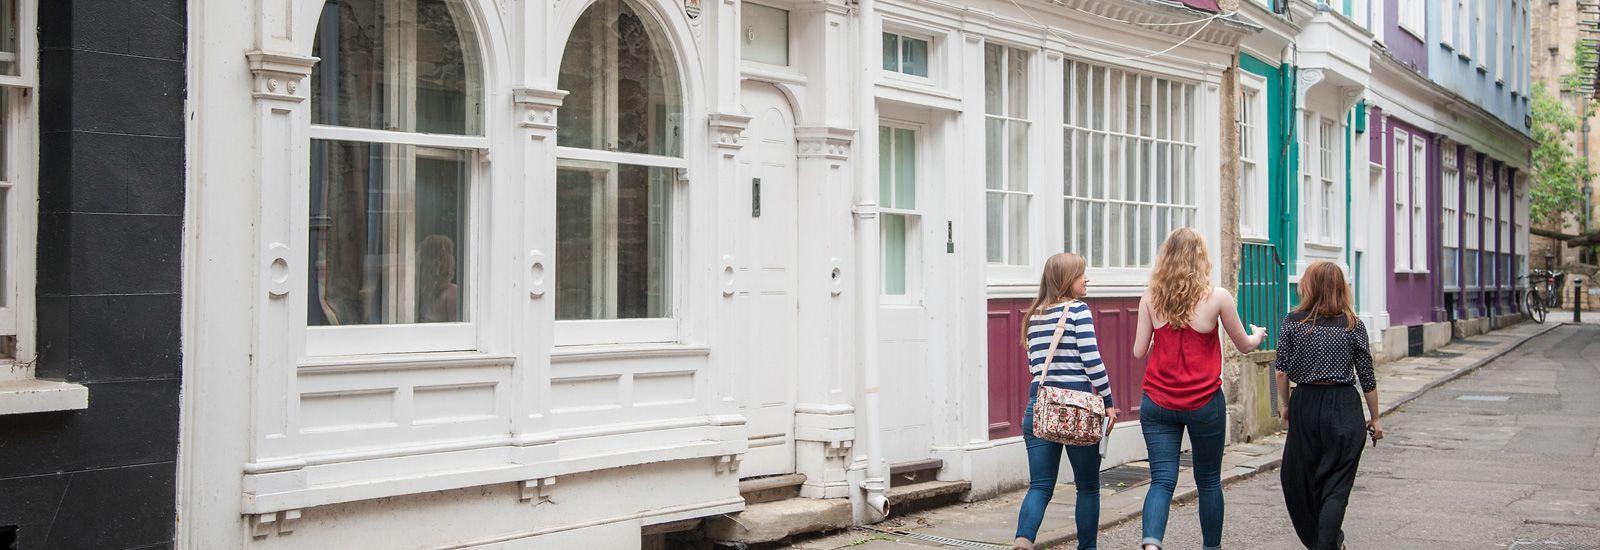 Three students walking down an Oxford street